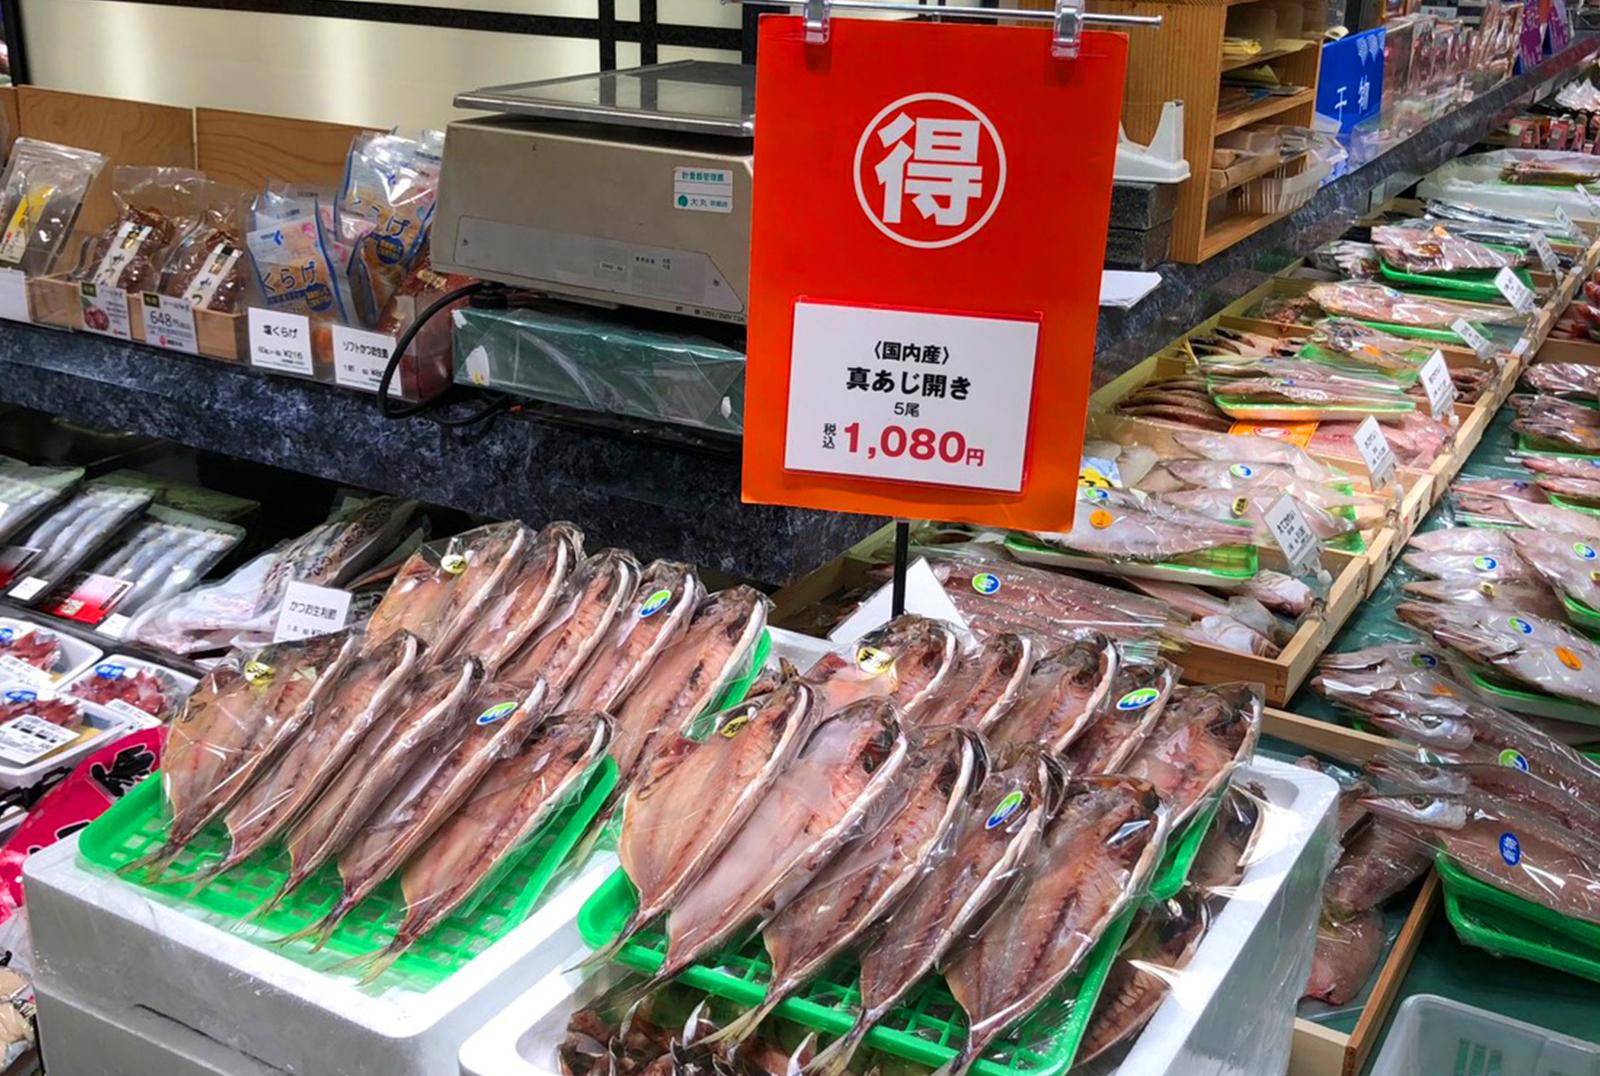 大丸松坂屋百貨店 京都店